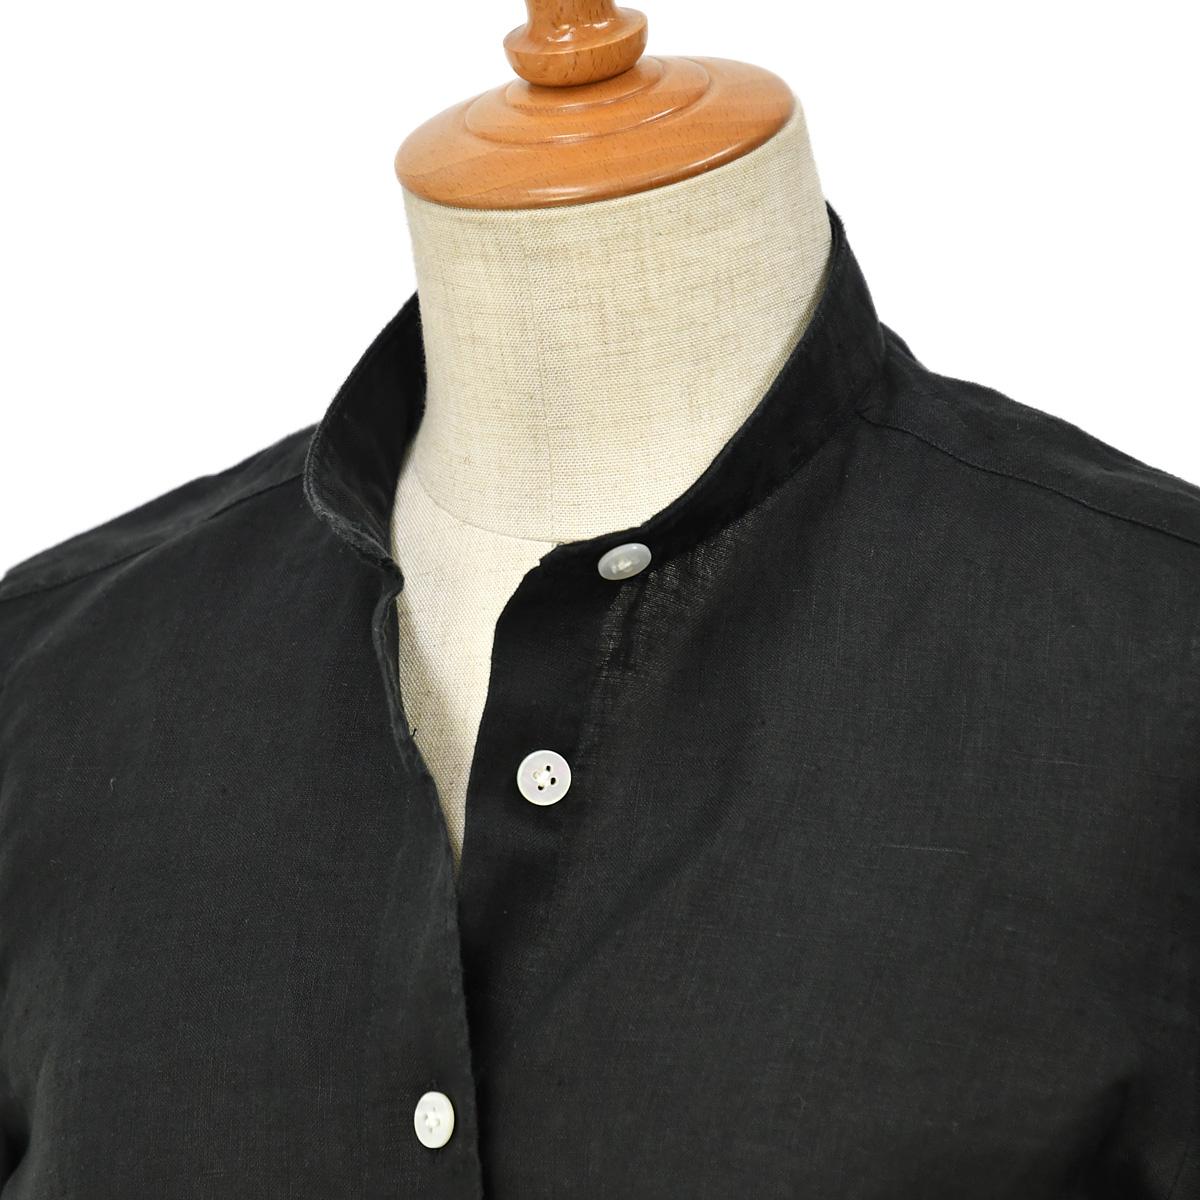 Finamore【フィナモレ】リネンバンドカラーシャツ P2091 10 ZOE PENNY リネン ブラック